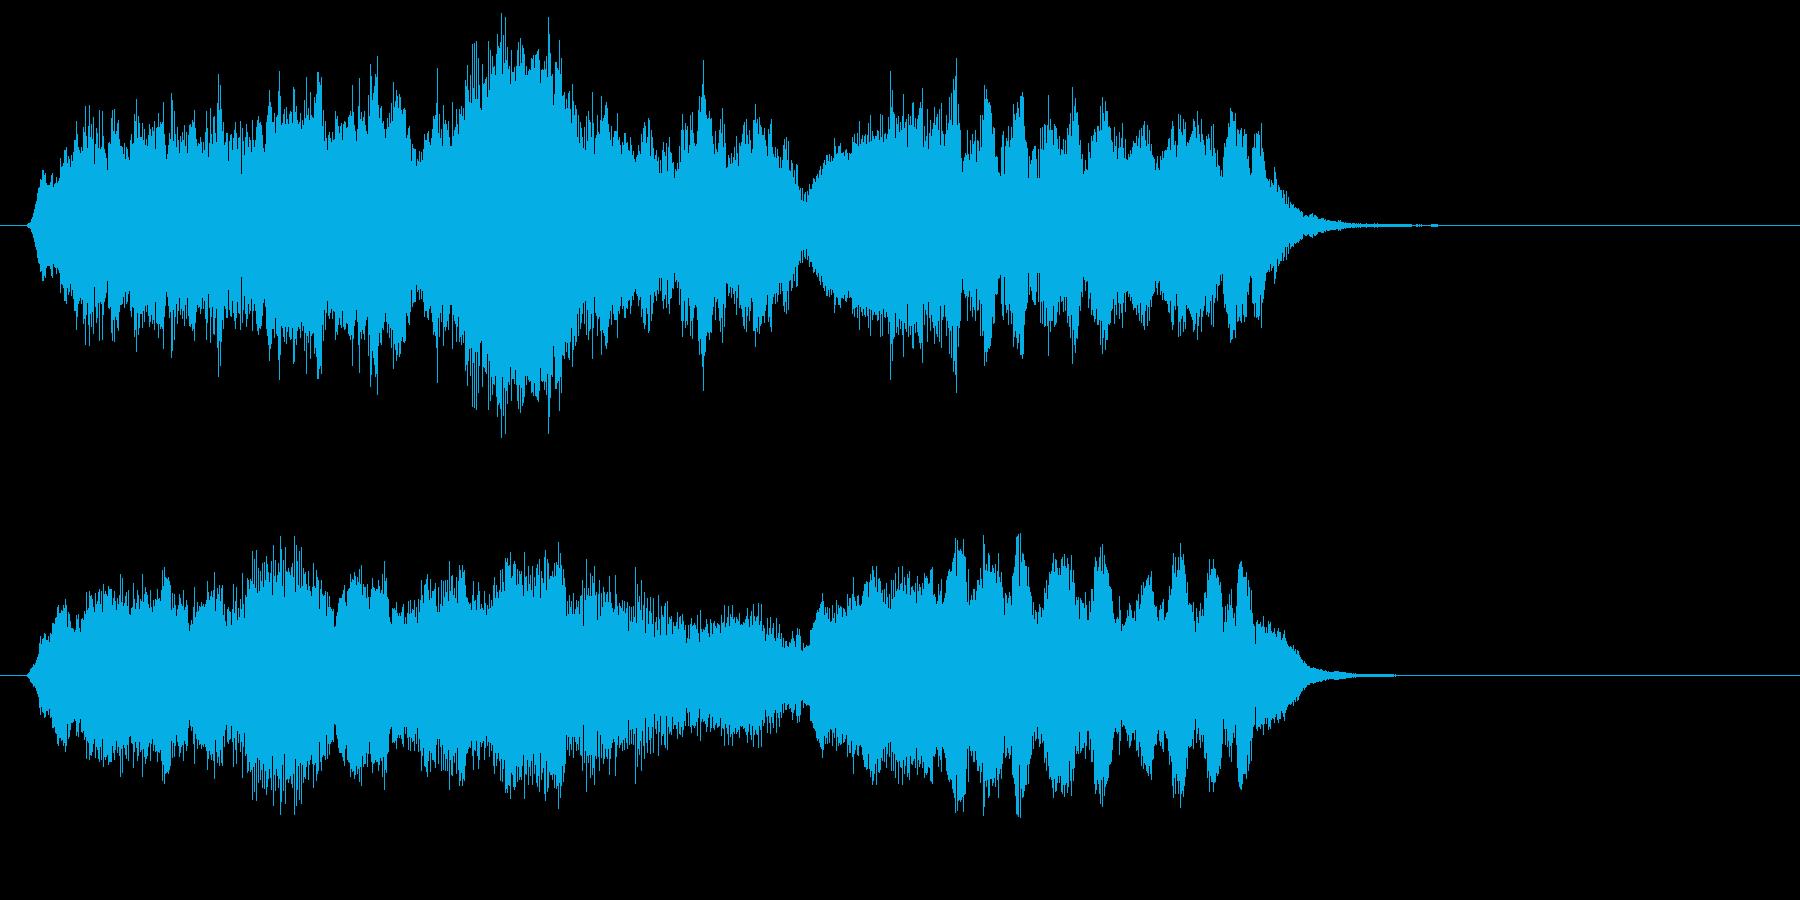 管楽器とストリングスが奏でる曲の再生済みの波形